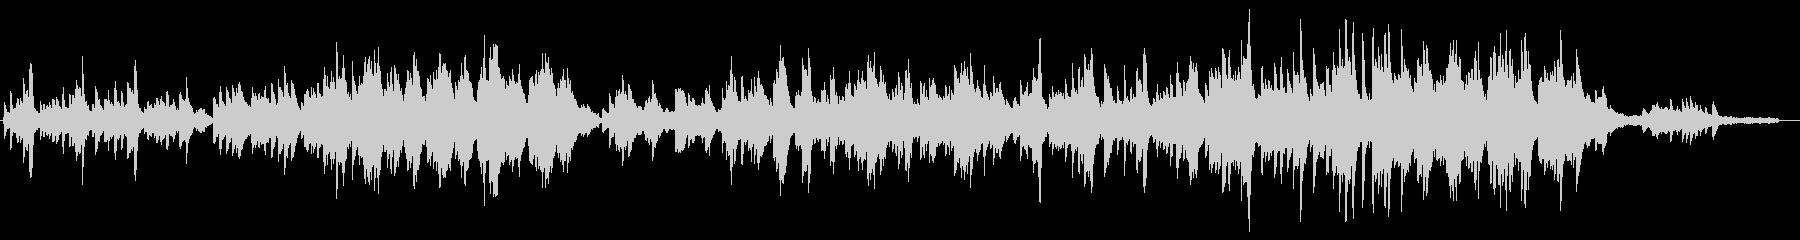 空・未来・感動的なヒーリング系ピアノソロの未再生の波形